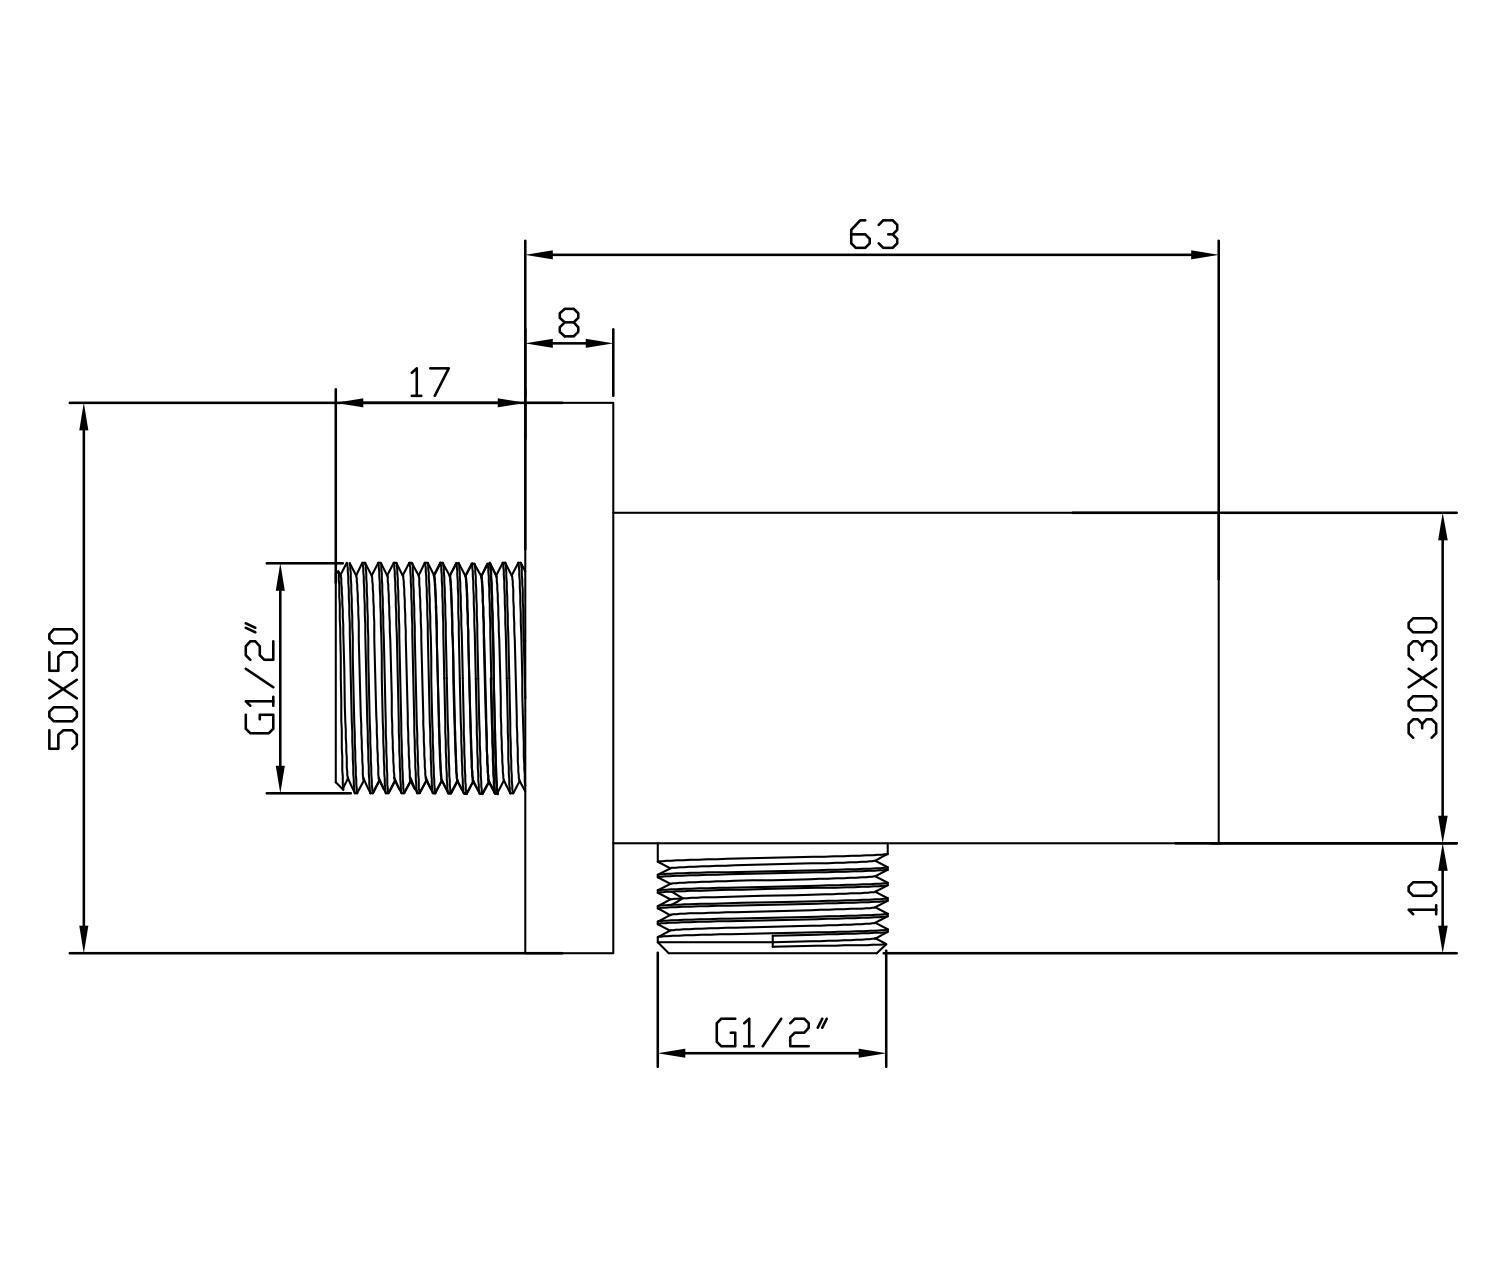 Wandanschlussbogen mit Brausehalter BA002 - Zeichnung